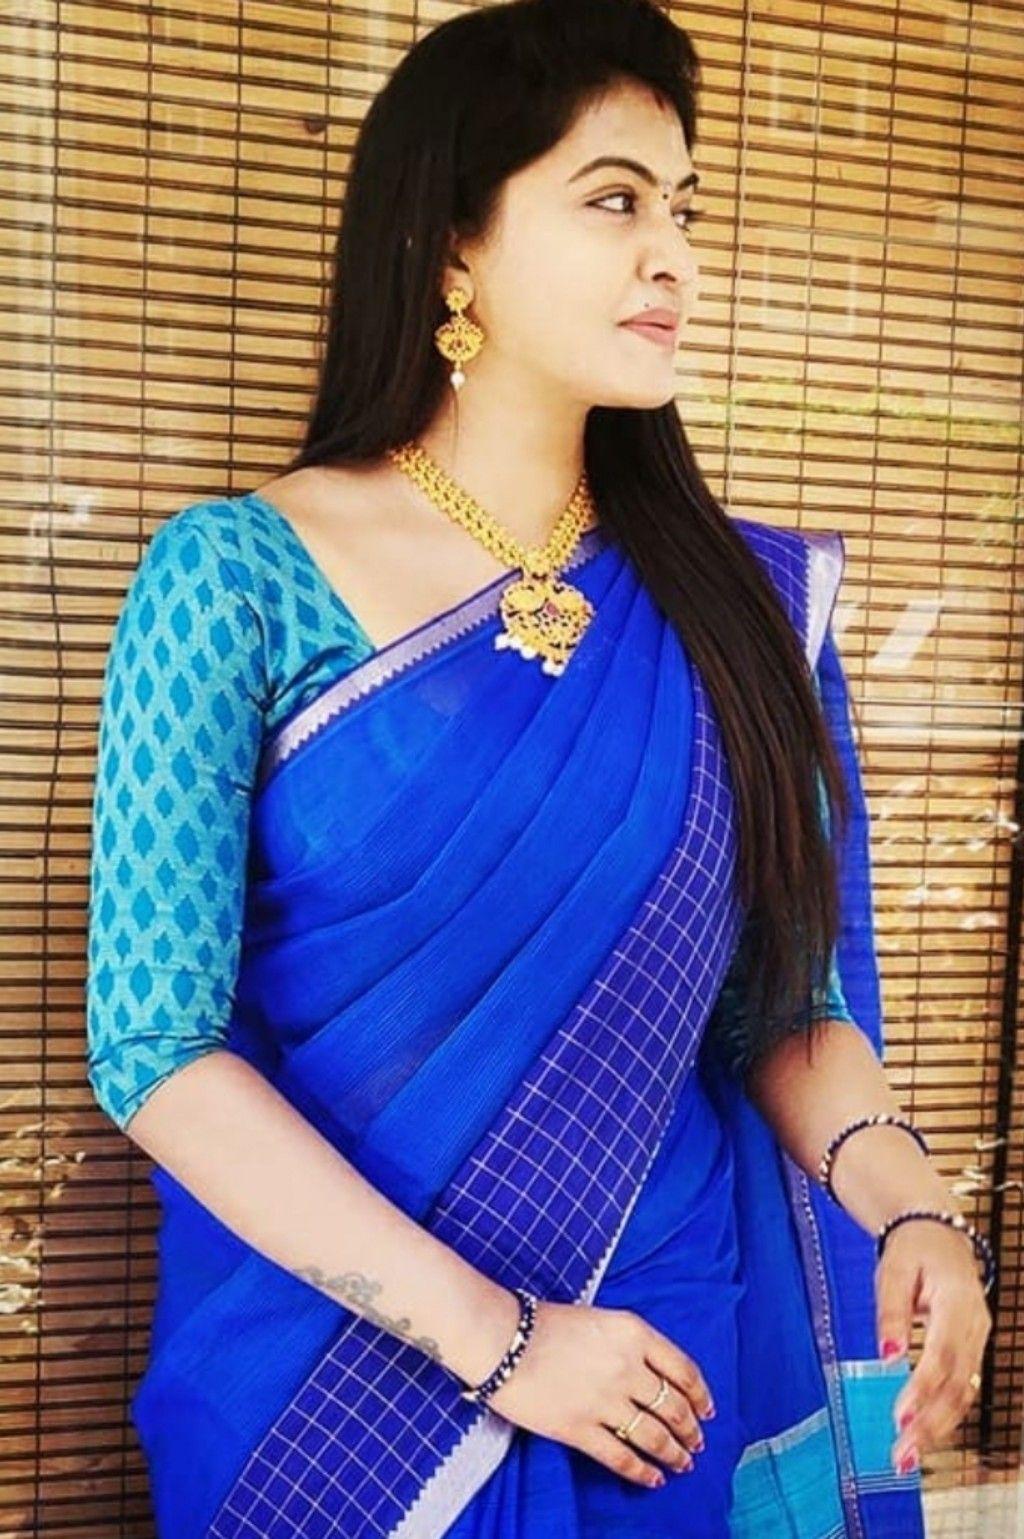 Wedding saree indian image by Actress Gallery on Rachitha | Saree styles, Beautiful saree